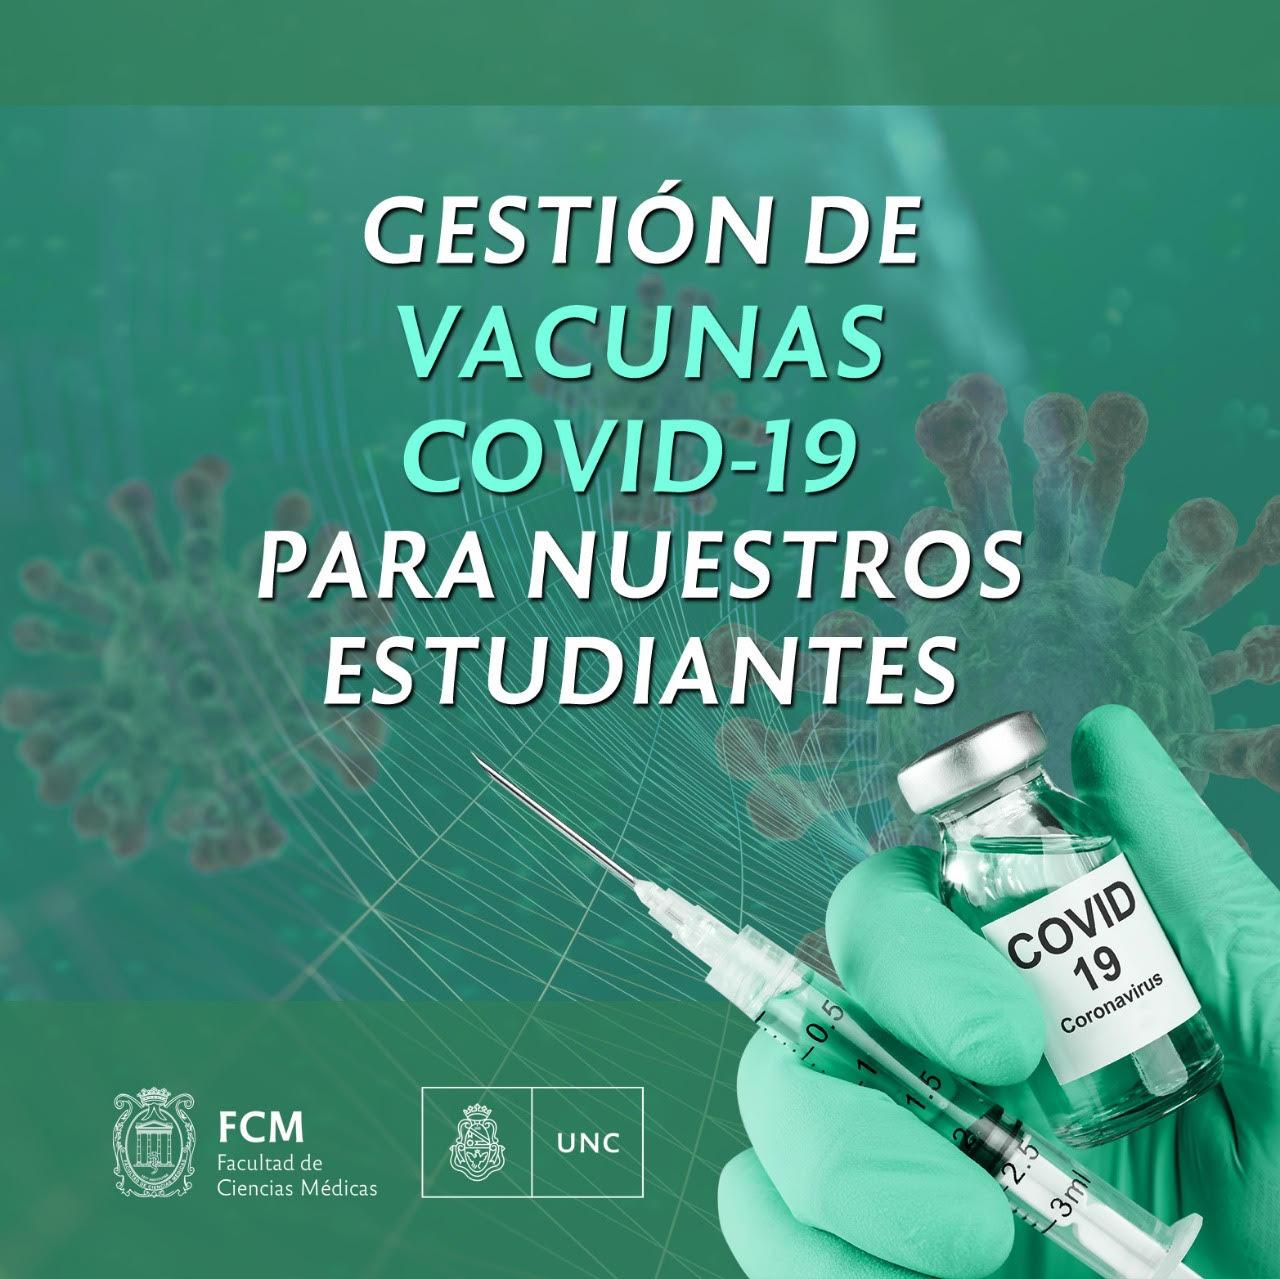 Gestión de vacunas Covid-19 para nuestros estudiantes